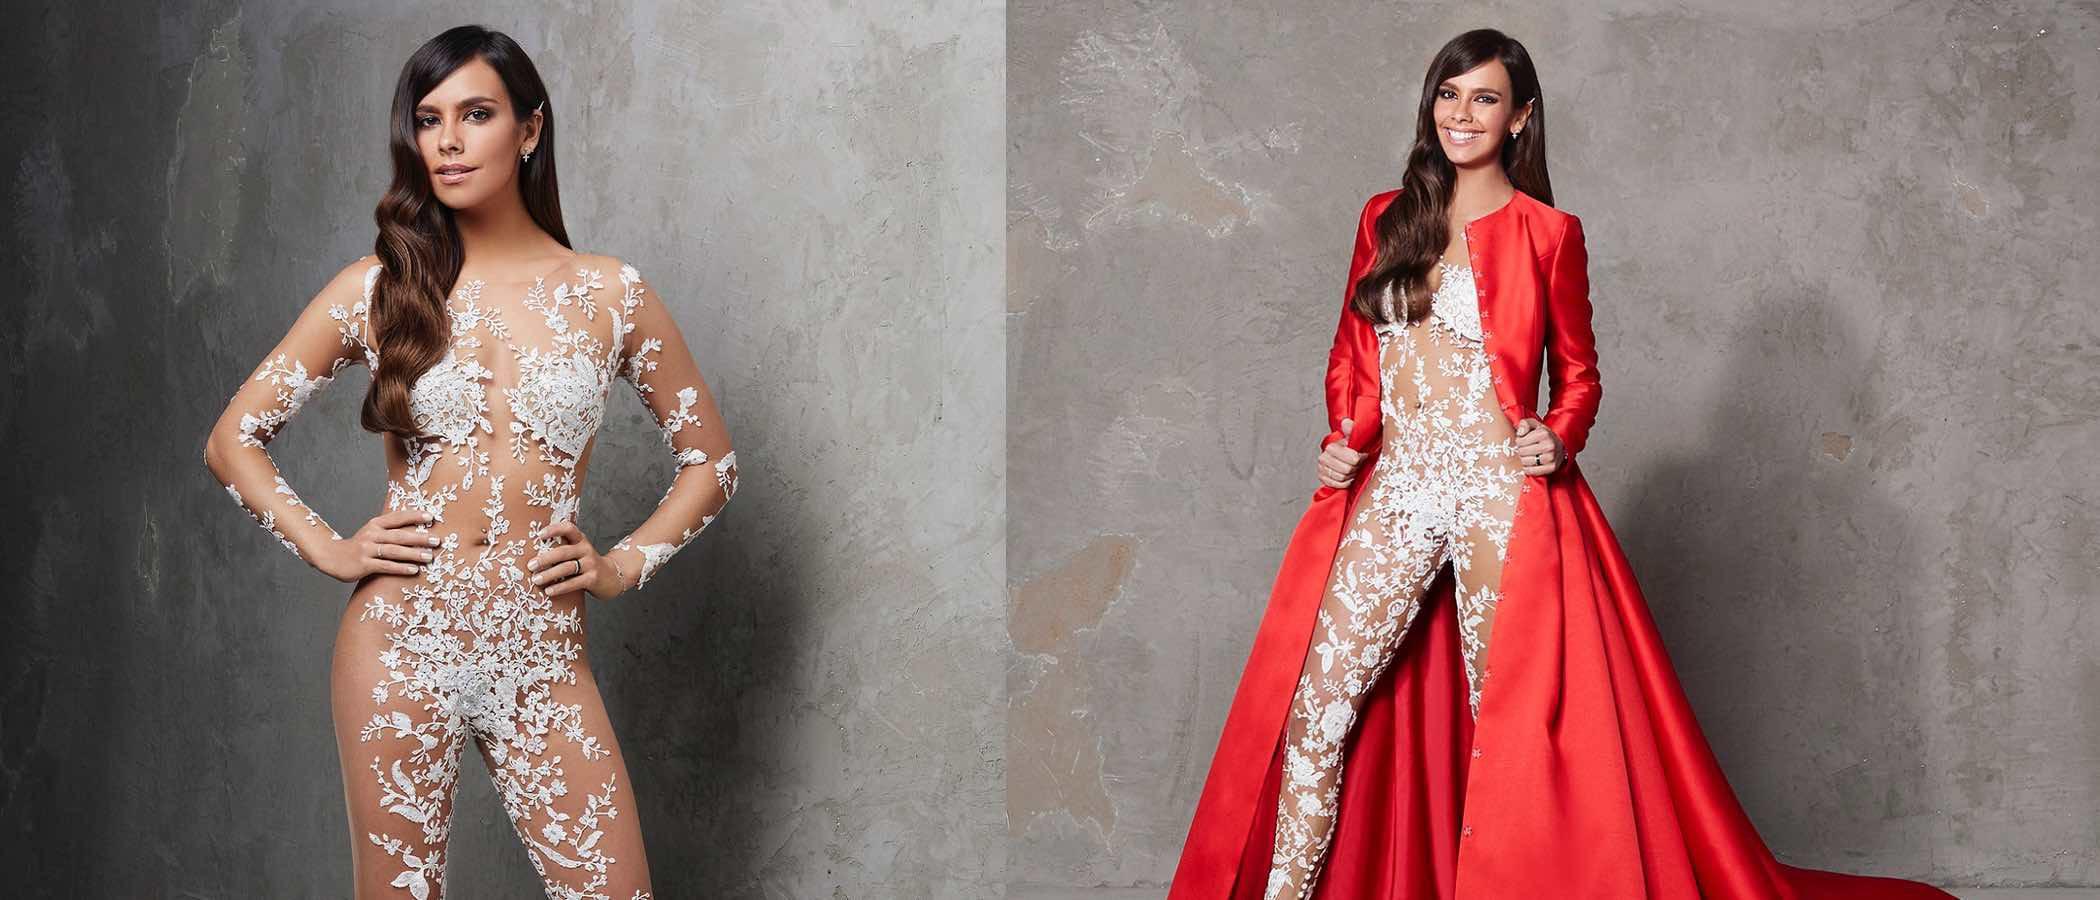 Cristina Pedroche volvió a sorprender con su no-vestido para dar las Campanadas 2017